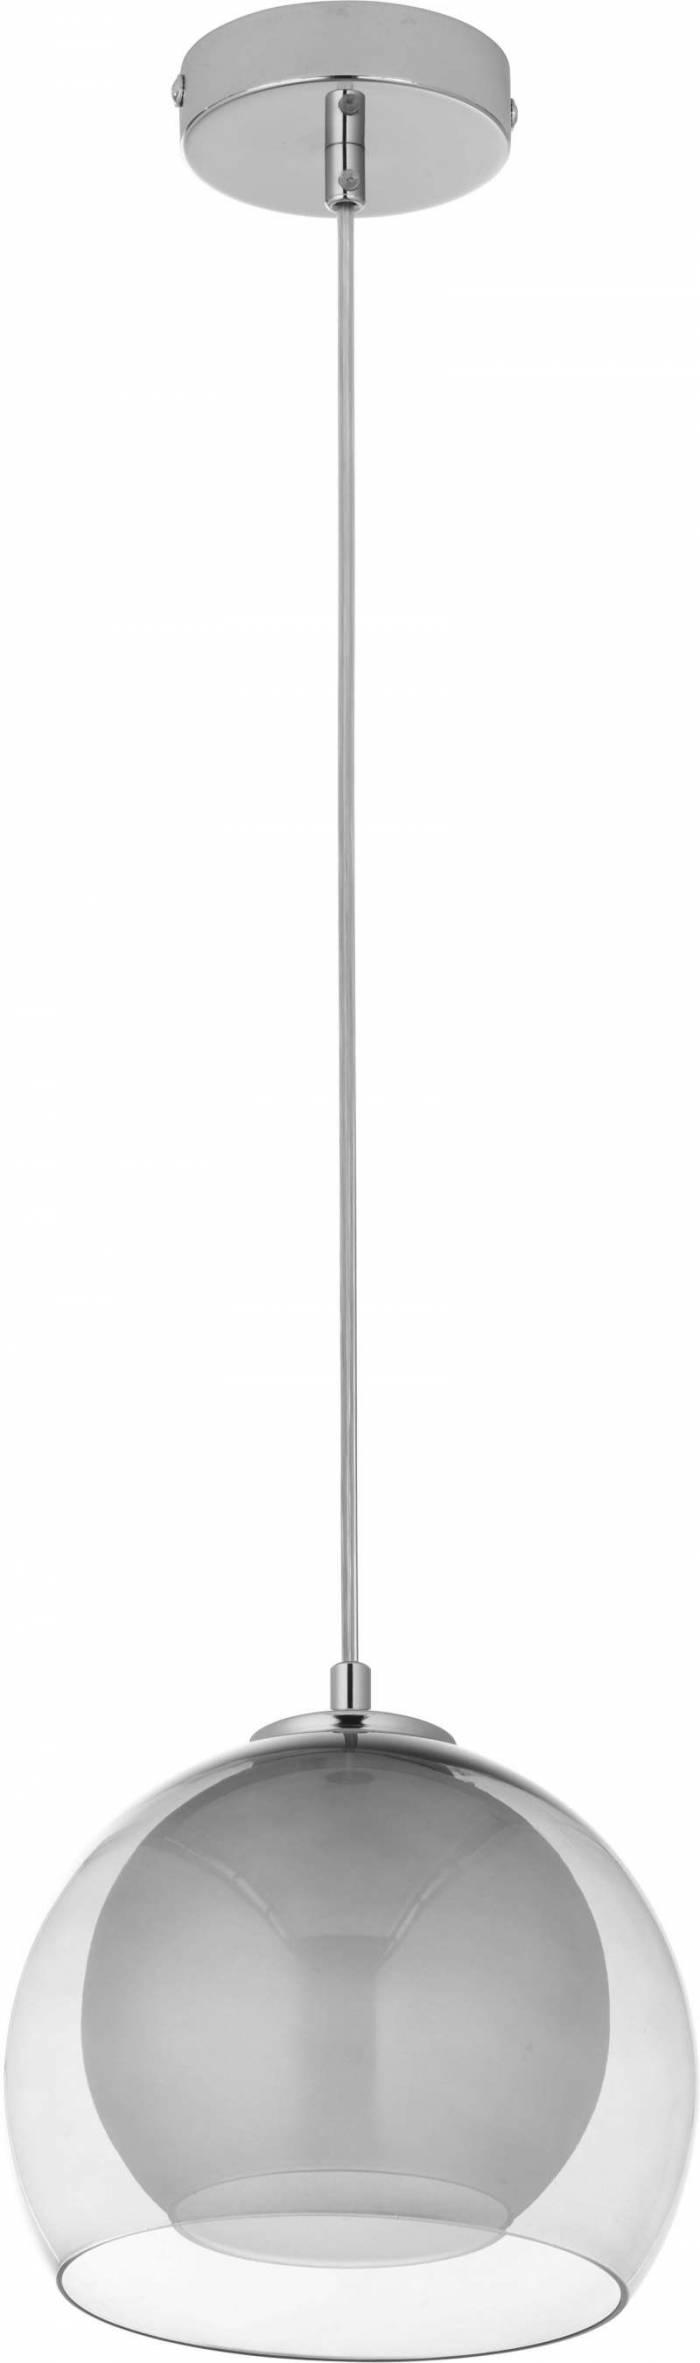 Lustră pendul Tanja, 100x20x20 cm, metal/ sticla, grafit/ crom